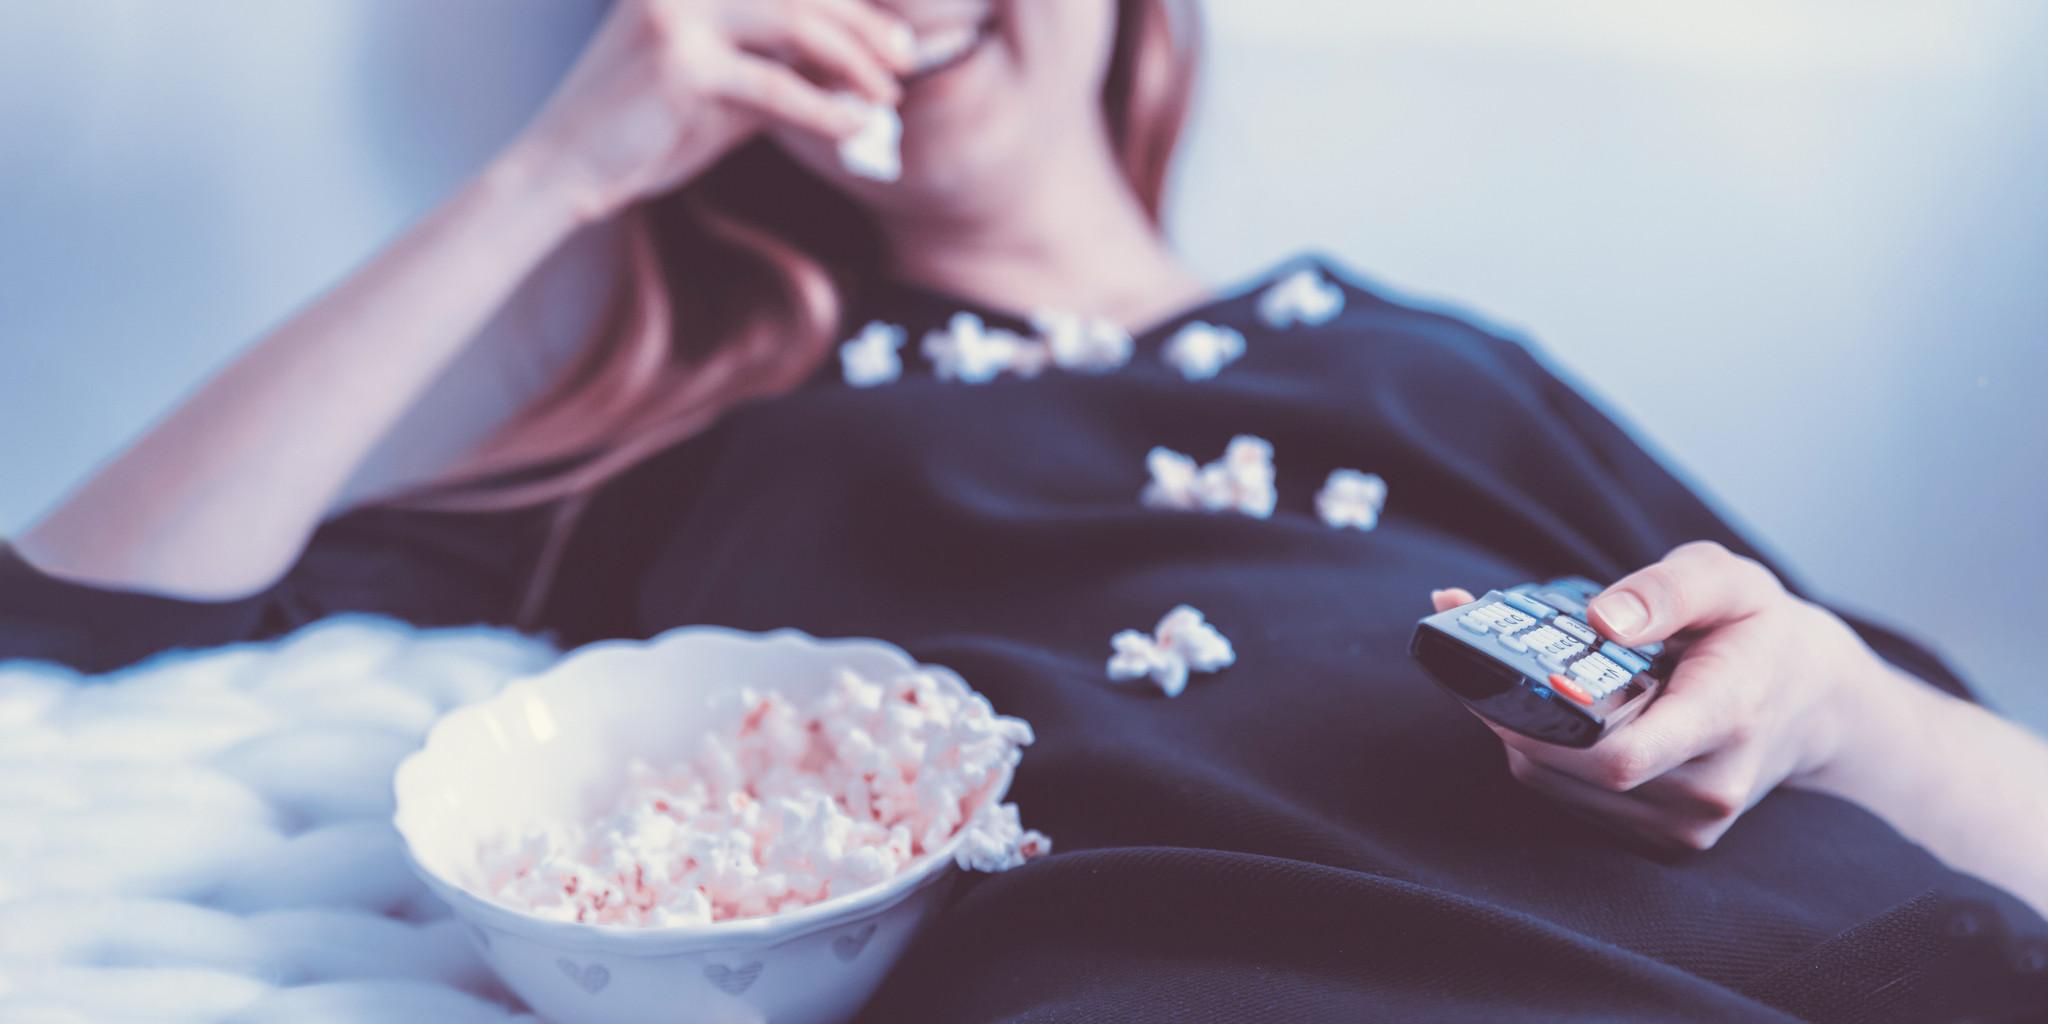 5 Best Movies to Watch on Summer Break